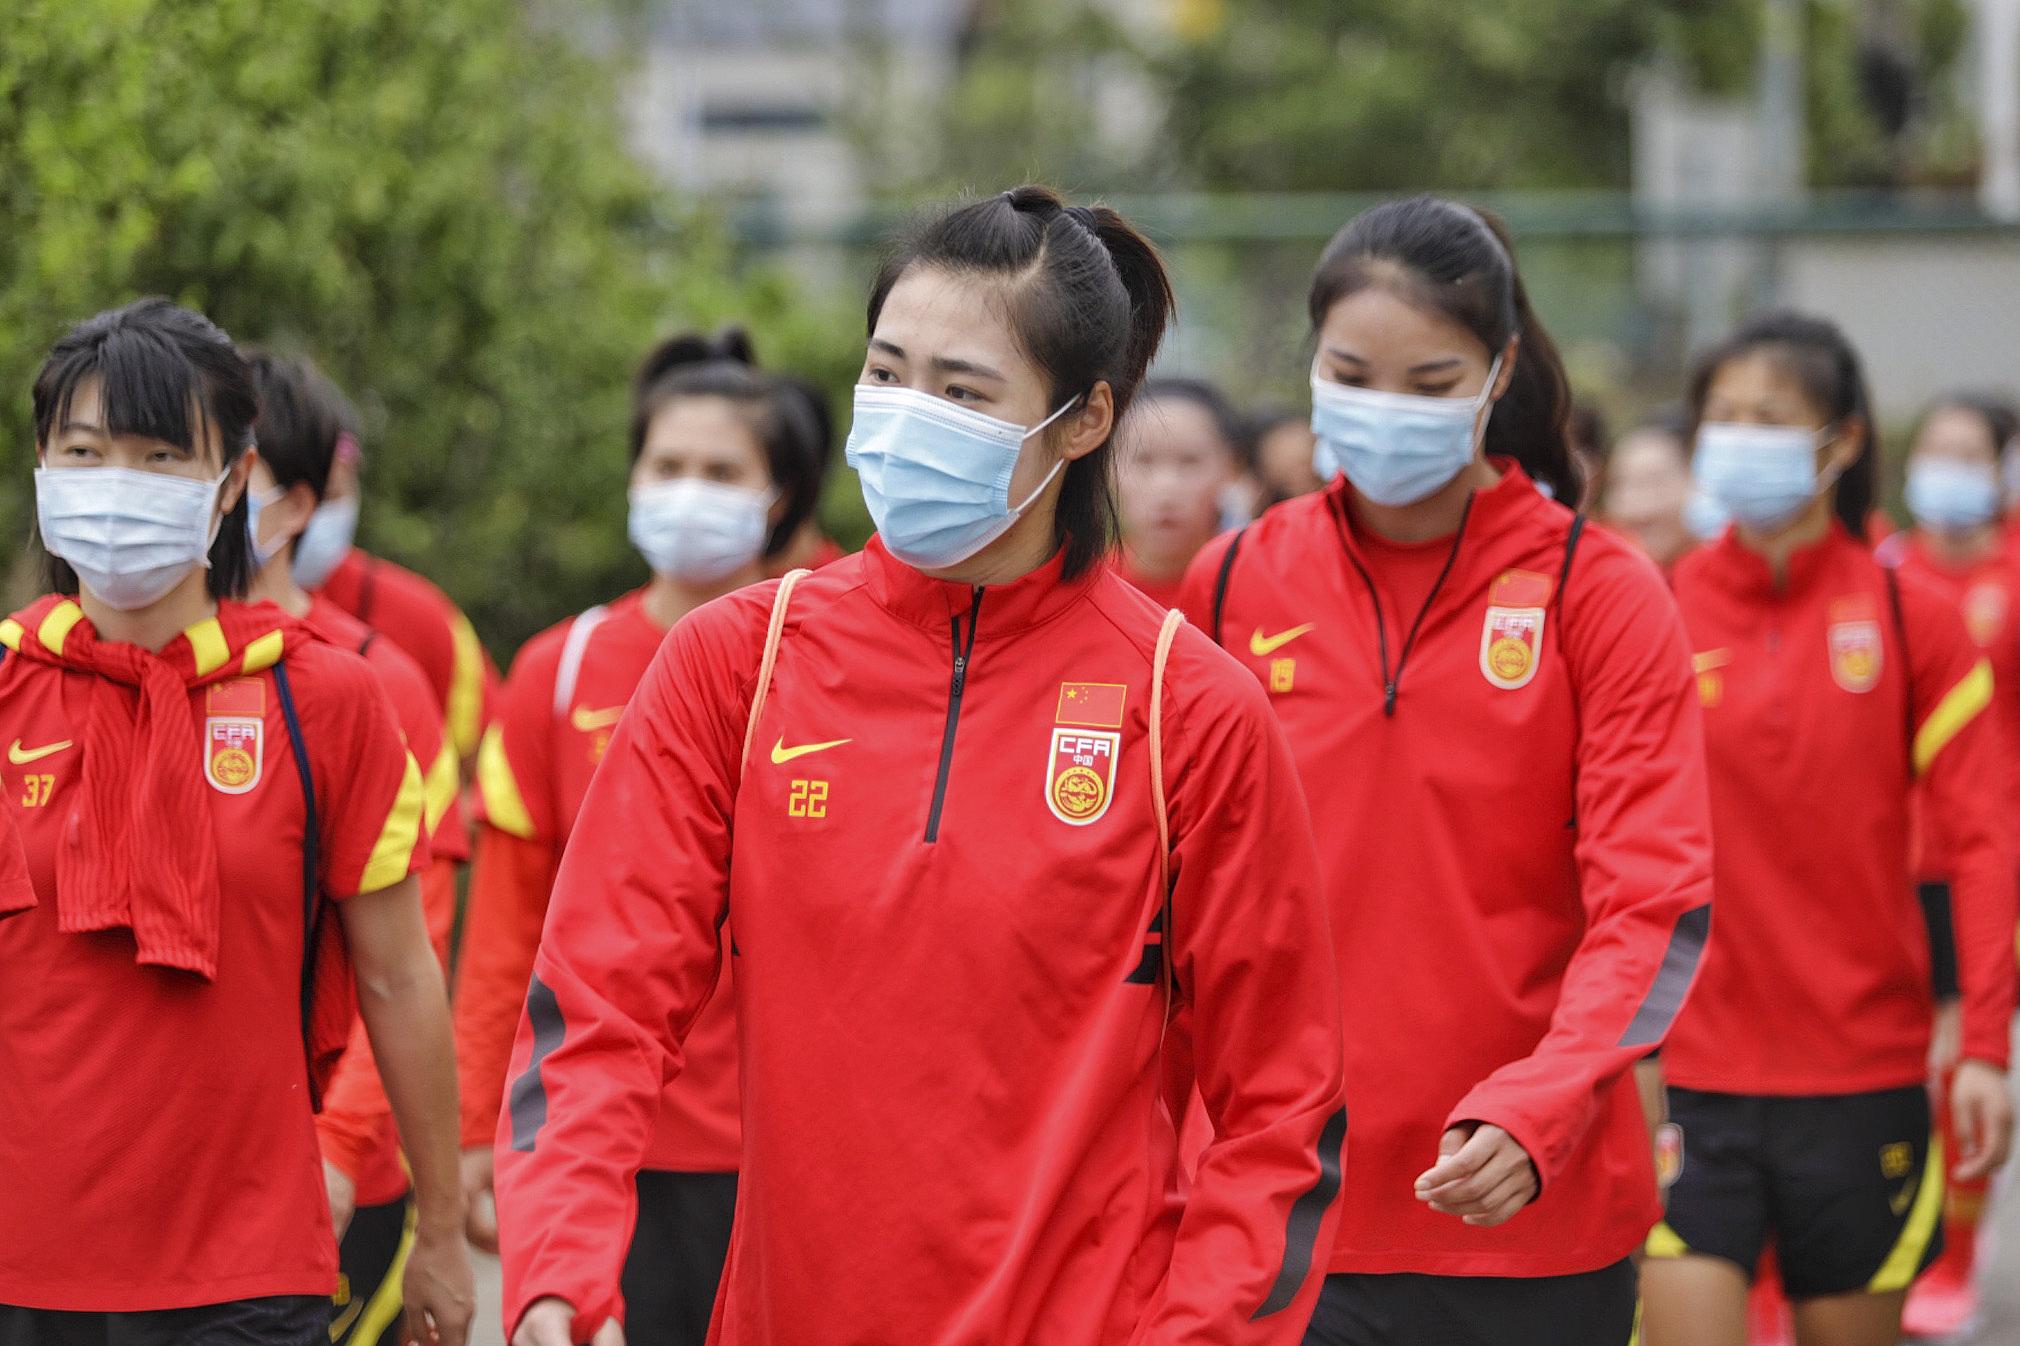 中国女足将面对比赛和防疫的双重考验。